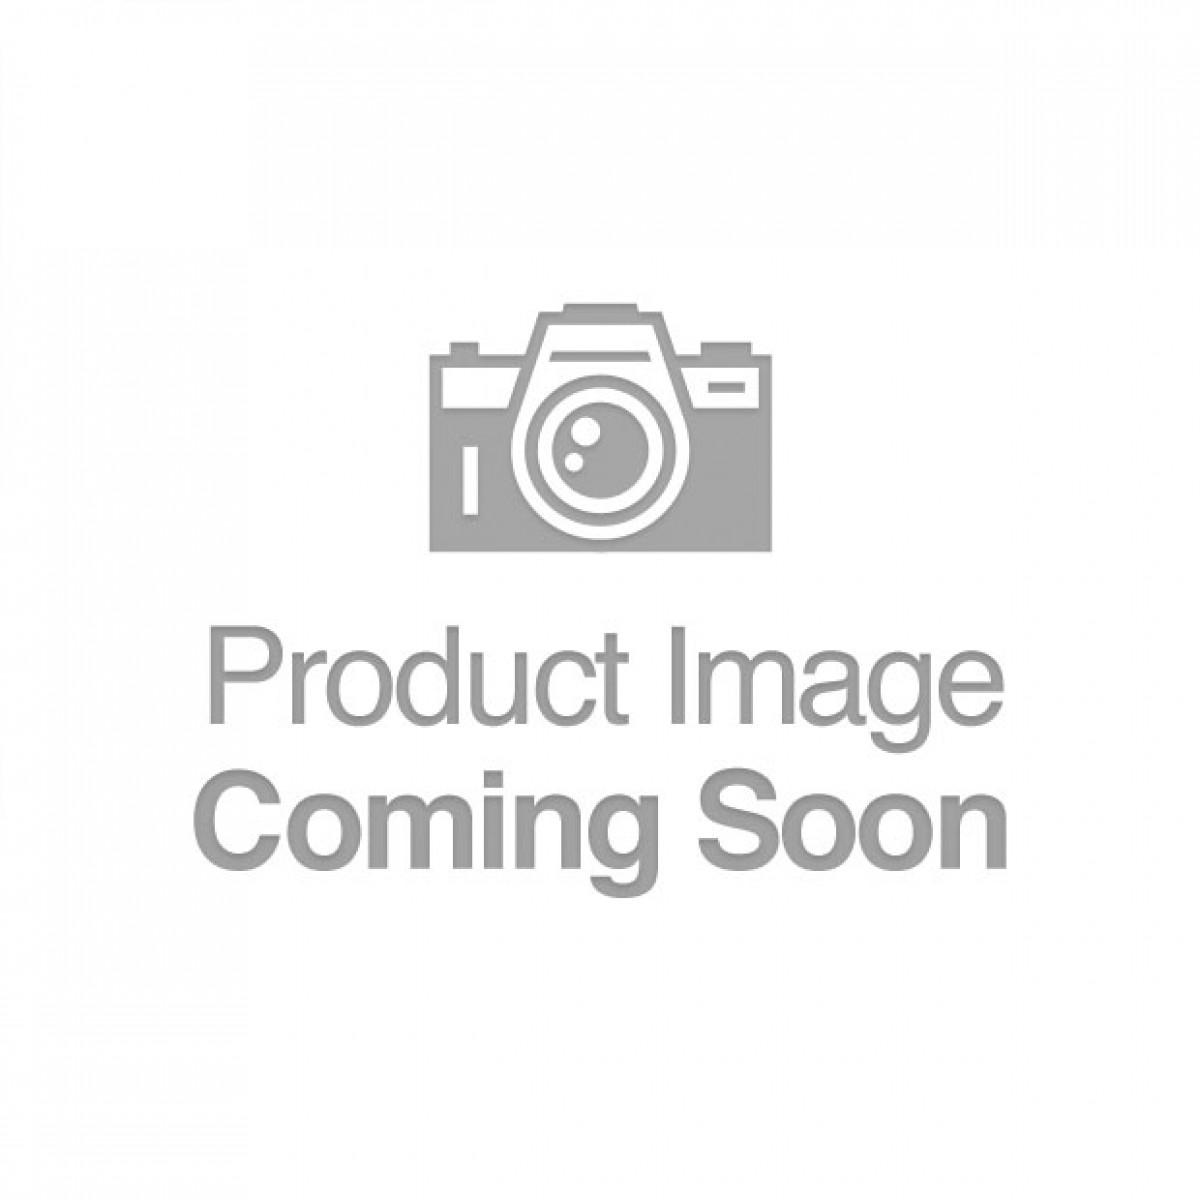 """Dorcel Real Vibration M 8.5"""" Rechargeable Vibrator - Flesh"""